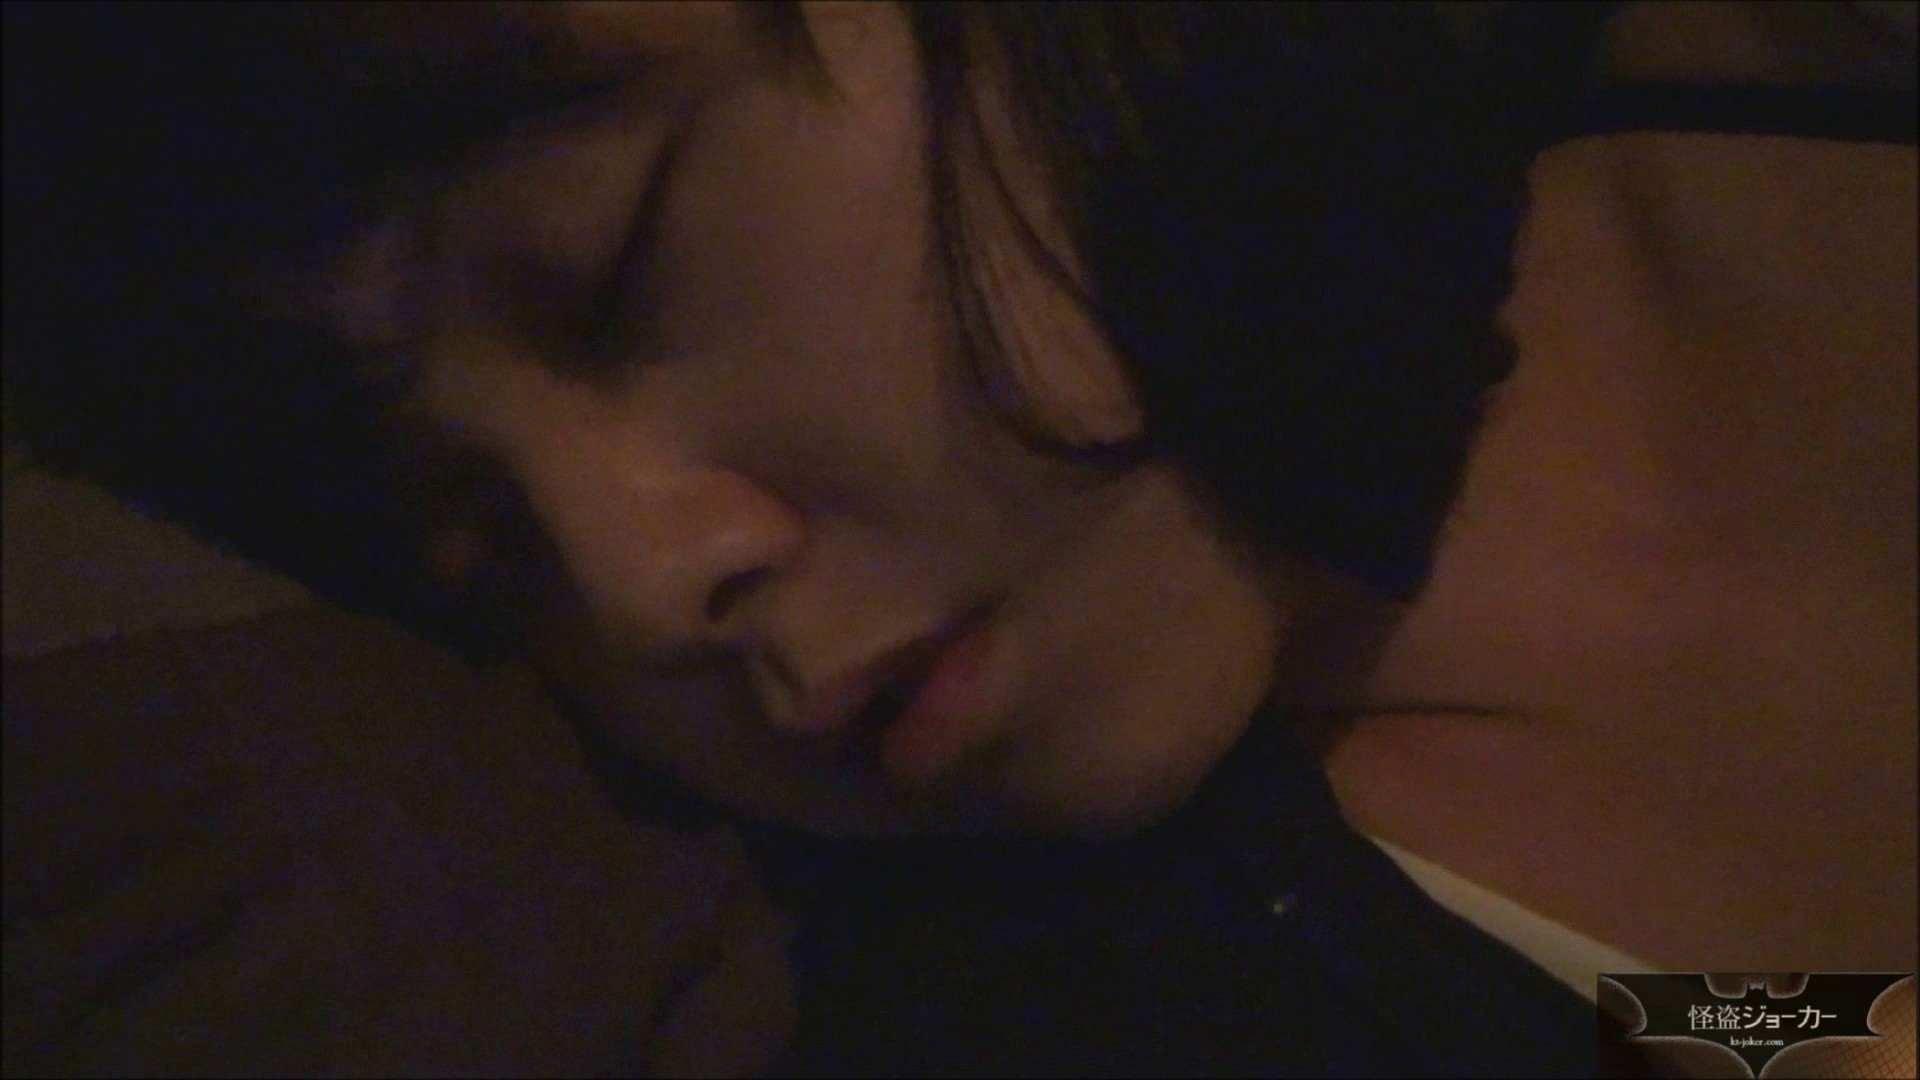 【未公開】vol.16 まおとこずえ-前編- 色っぽいOL達 | 人妻エロ映像  62pic 22